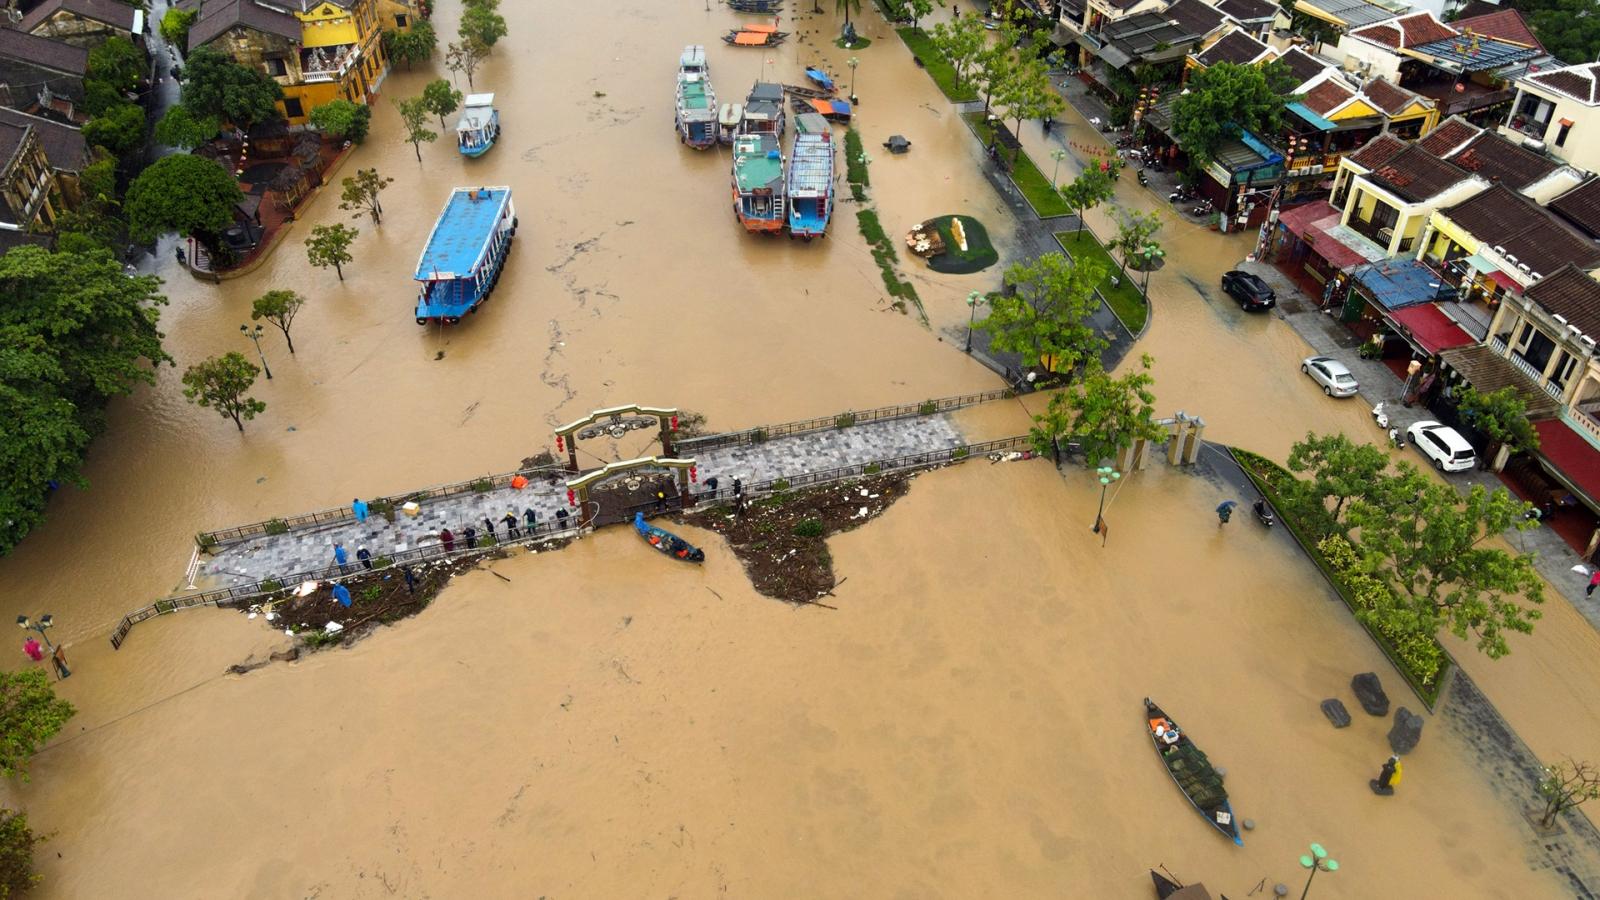 Thời tiết 10/10: Miền Trung tiếp tục mưa to diên rộng, nhiều nơi ngập lụt